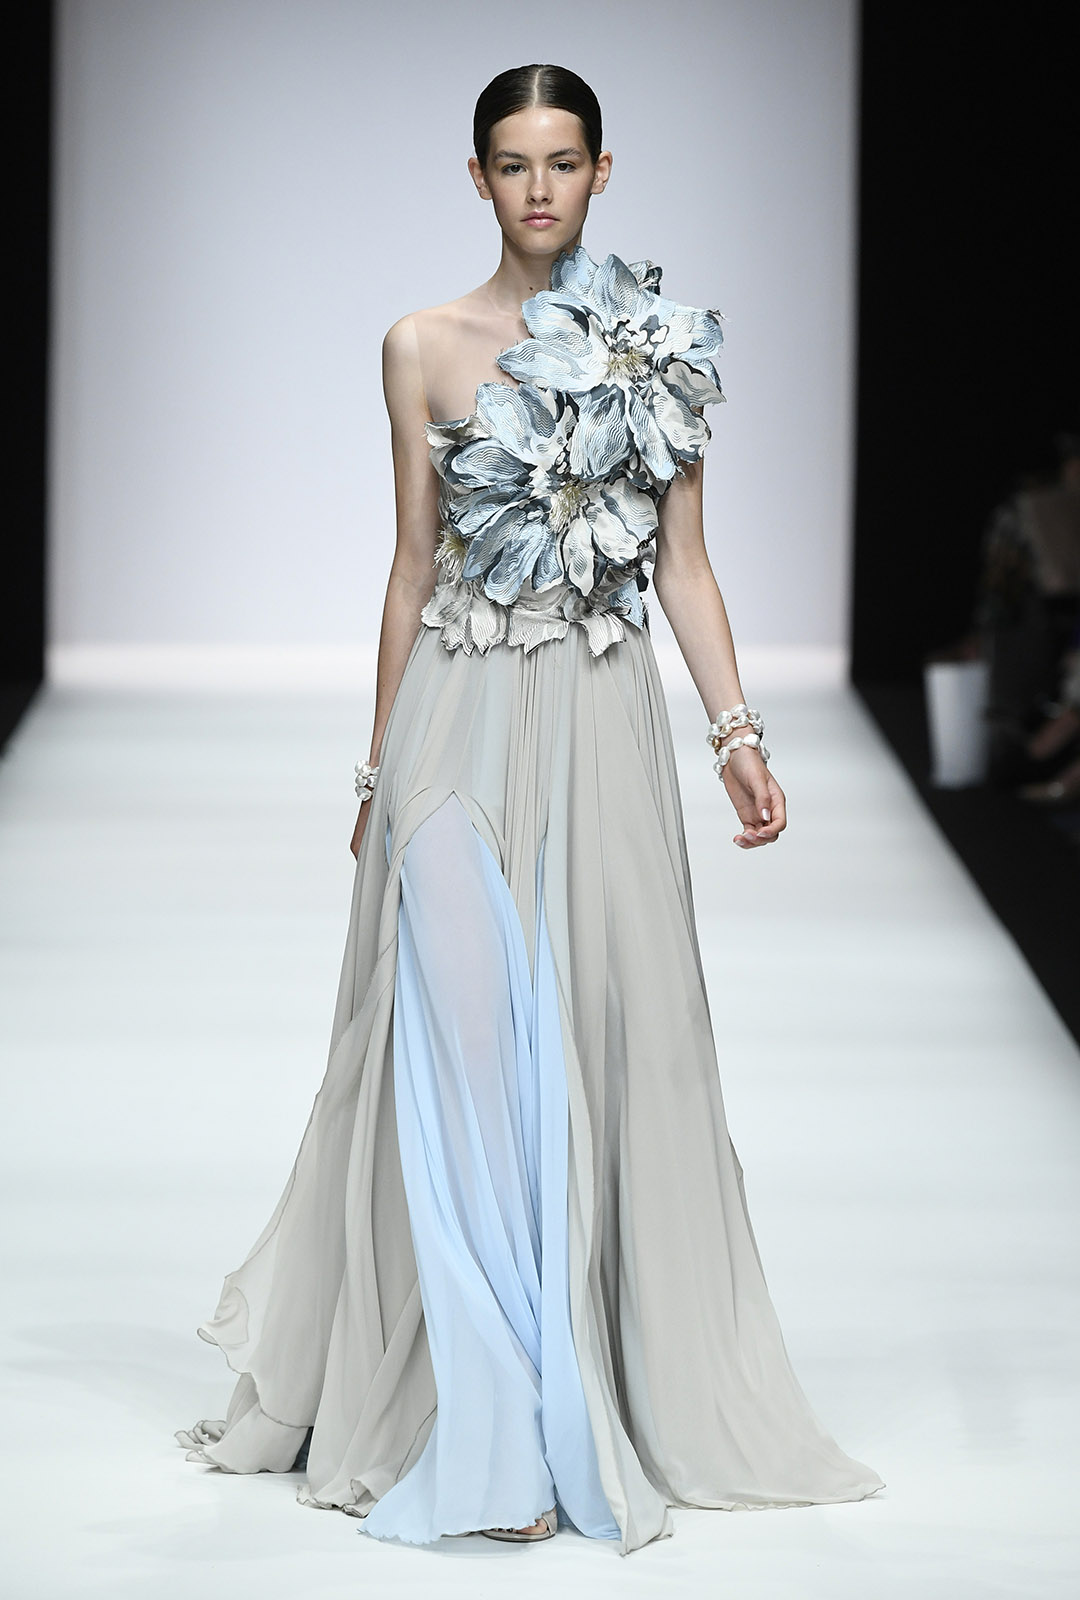 Summer Styles 2020 Fashion Week Berlin Mbfw Silverstyles